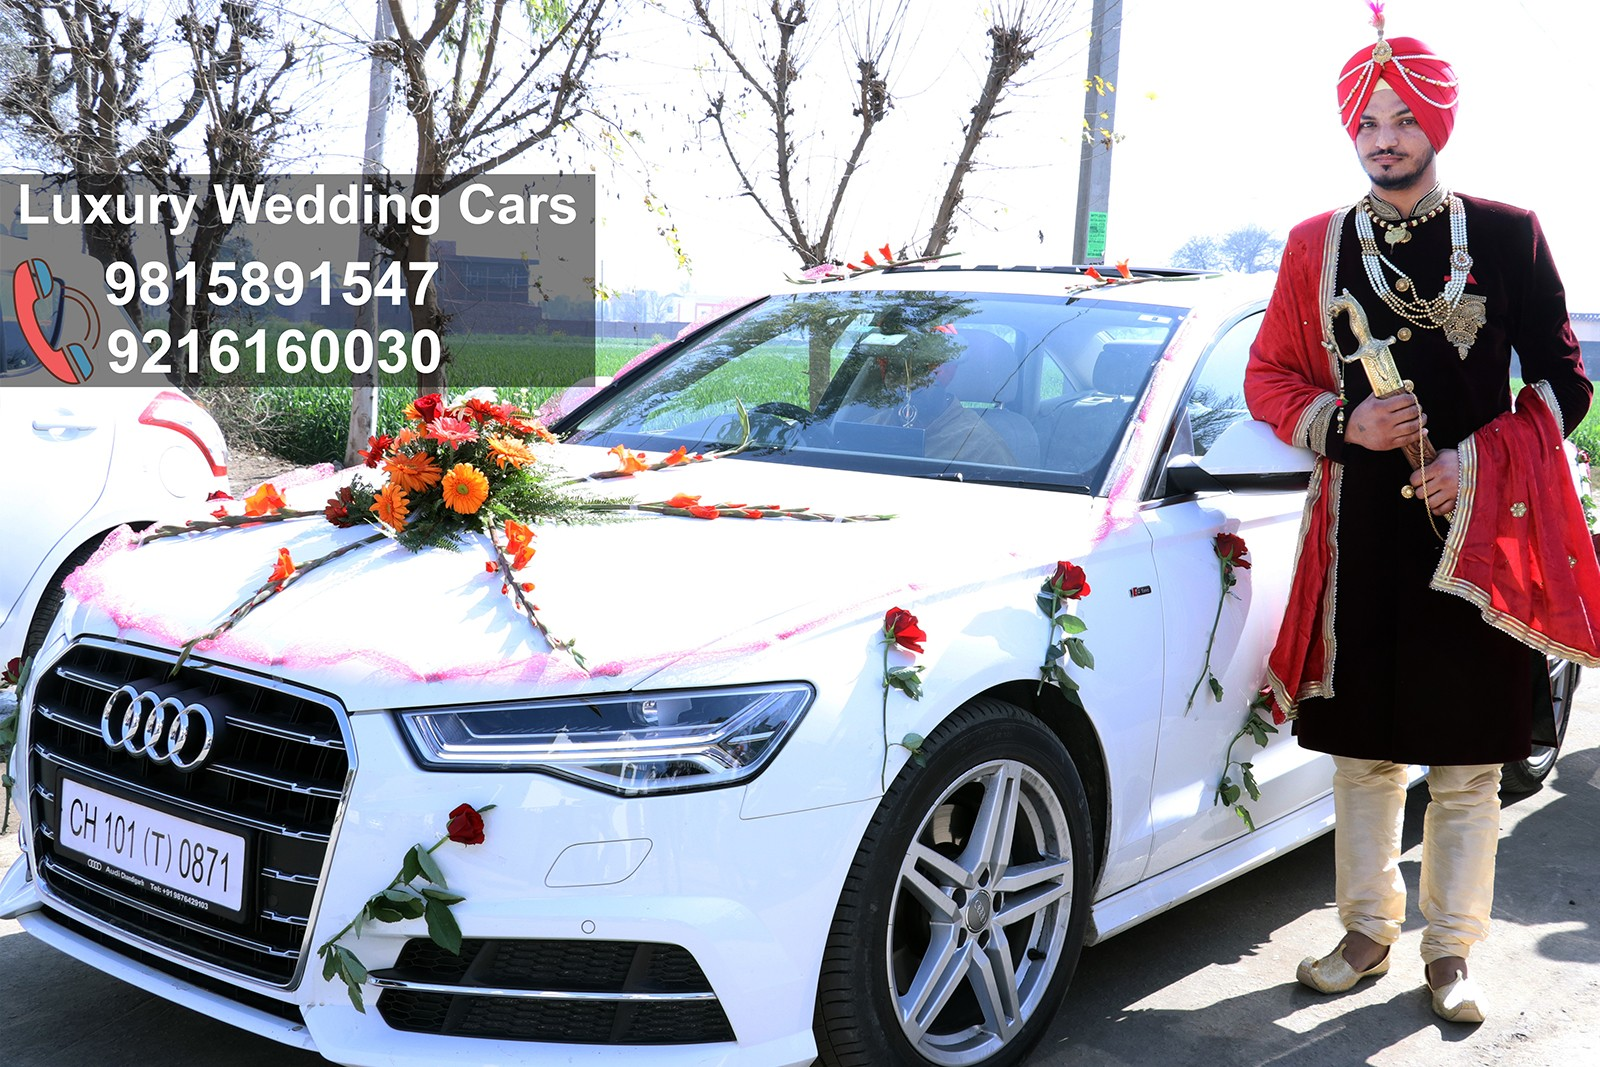 Luxury Audi Car Rentals In Chandigarh, Audi Car Rentals Chandigarh